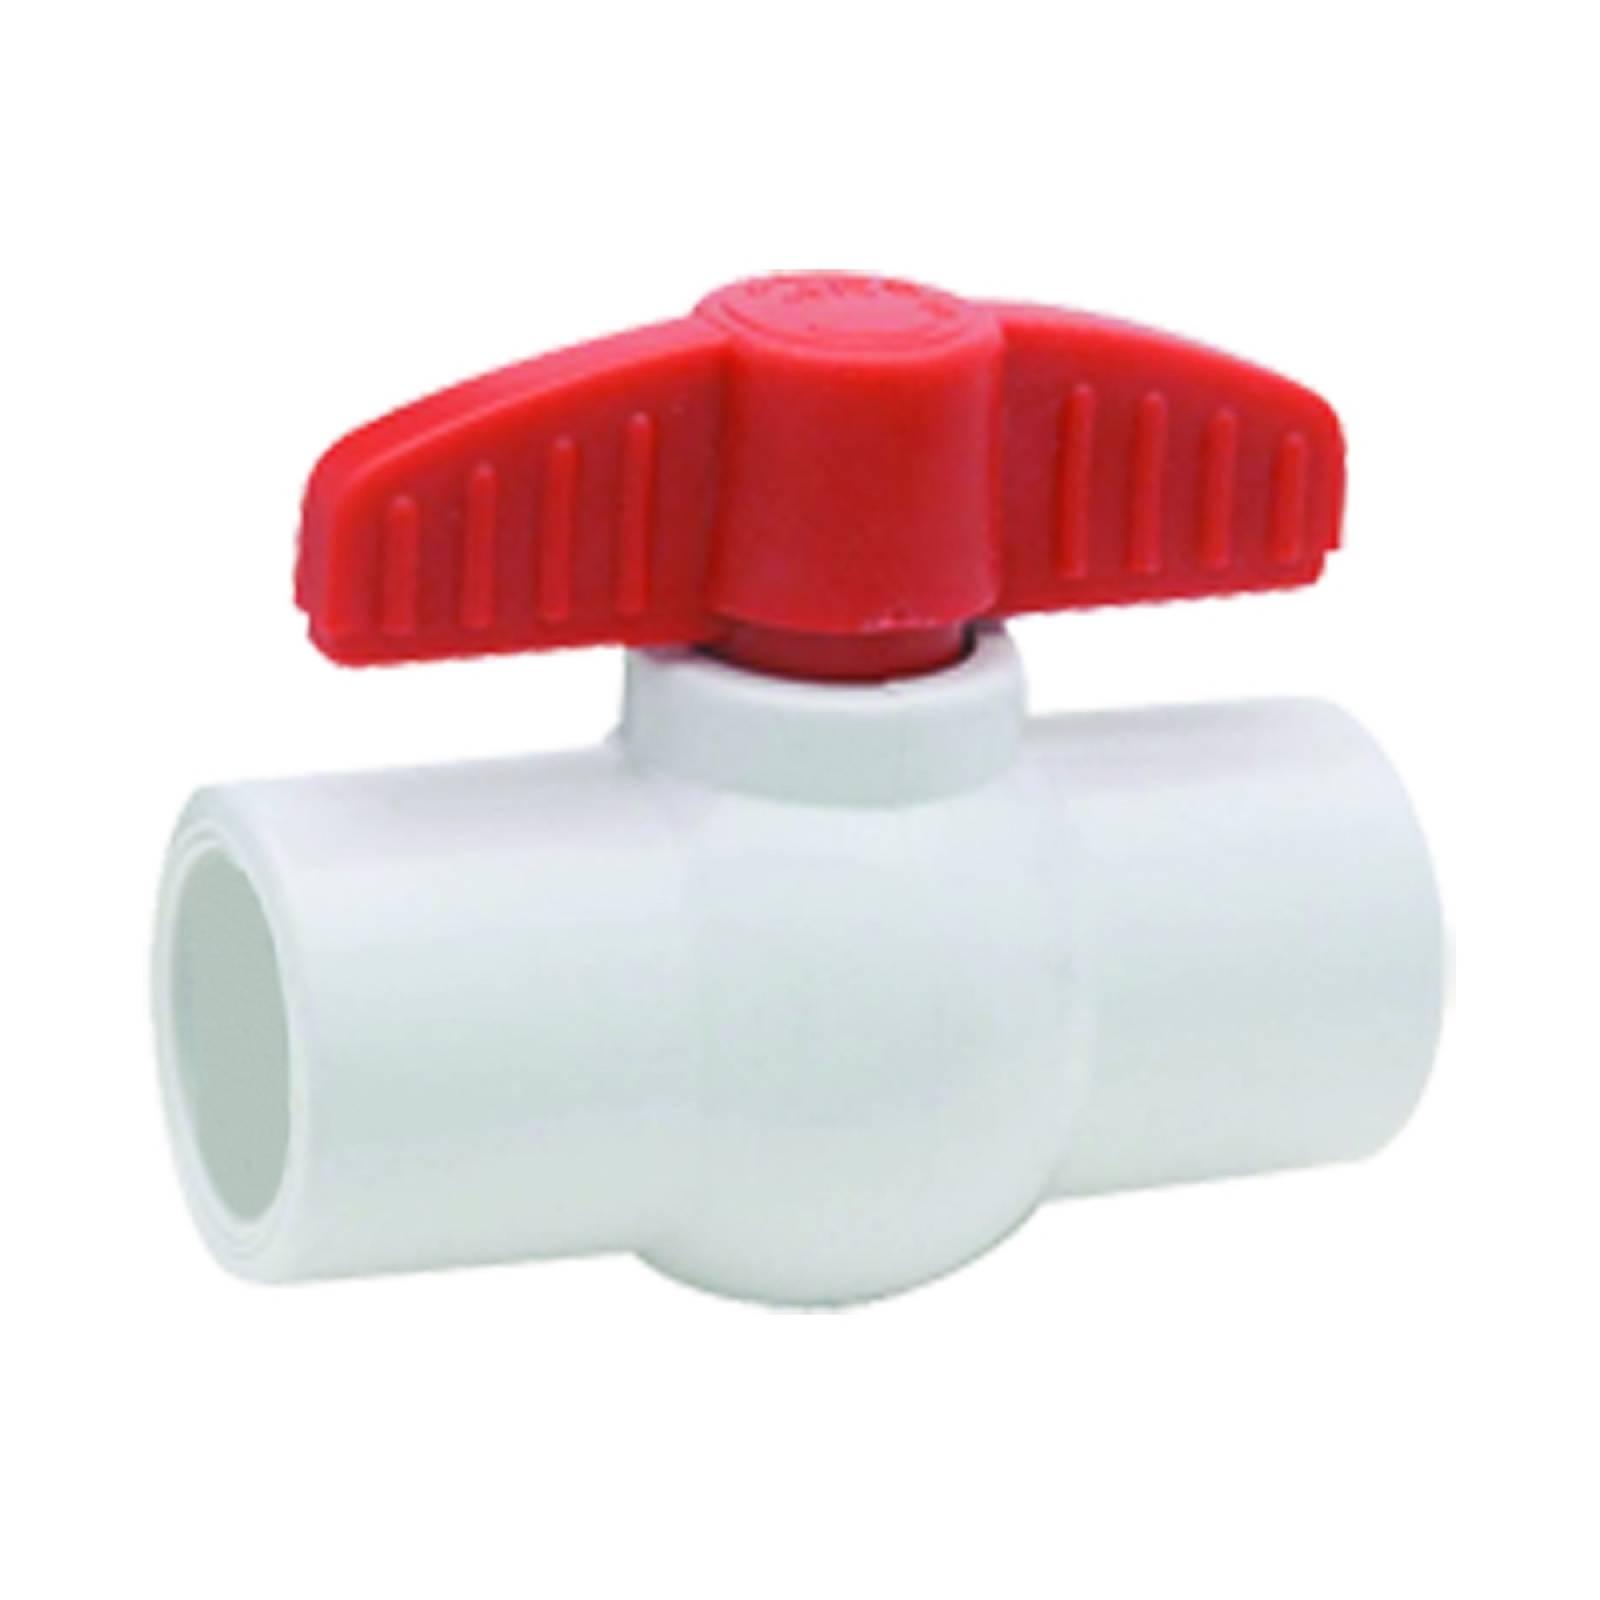 Válvula de esfera en PVC cementar 2in 4577.51 DICA